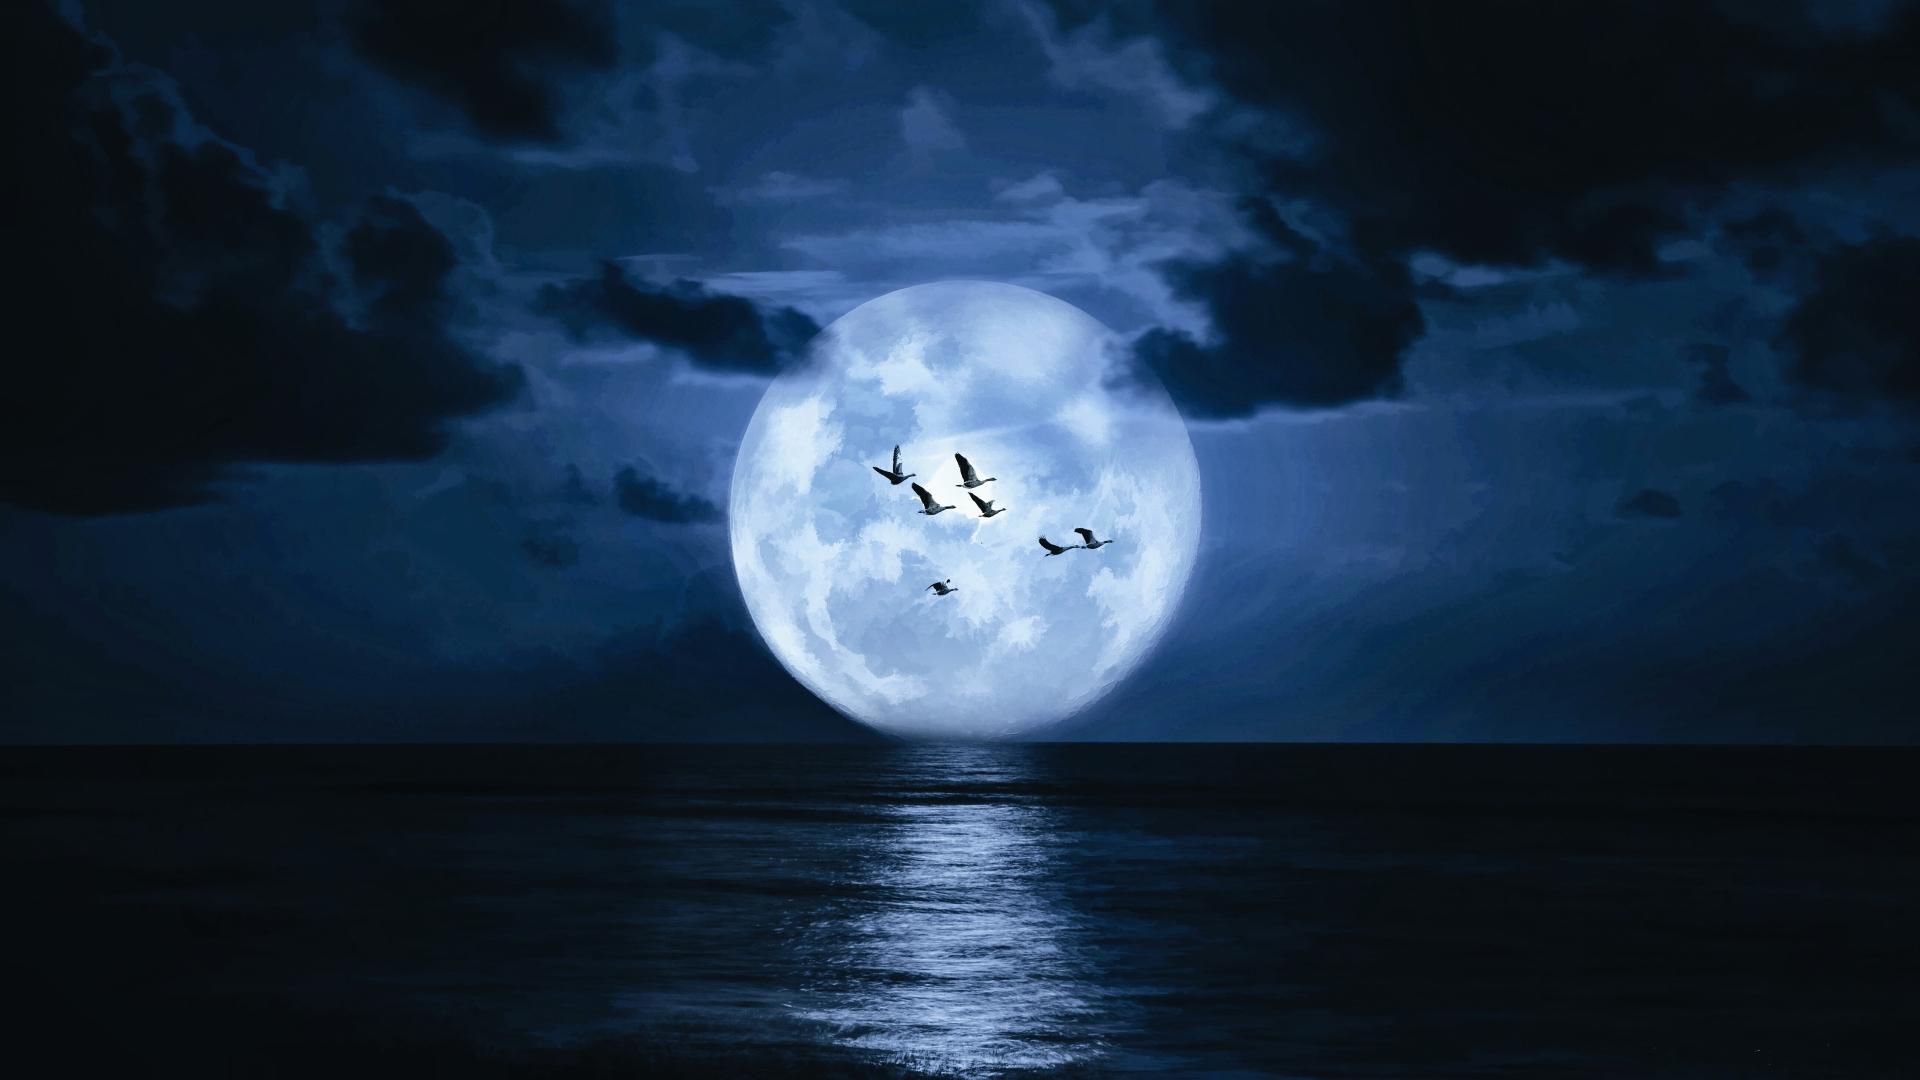 Ảnh đẹp mặt trăng trên biển